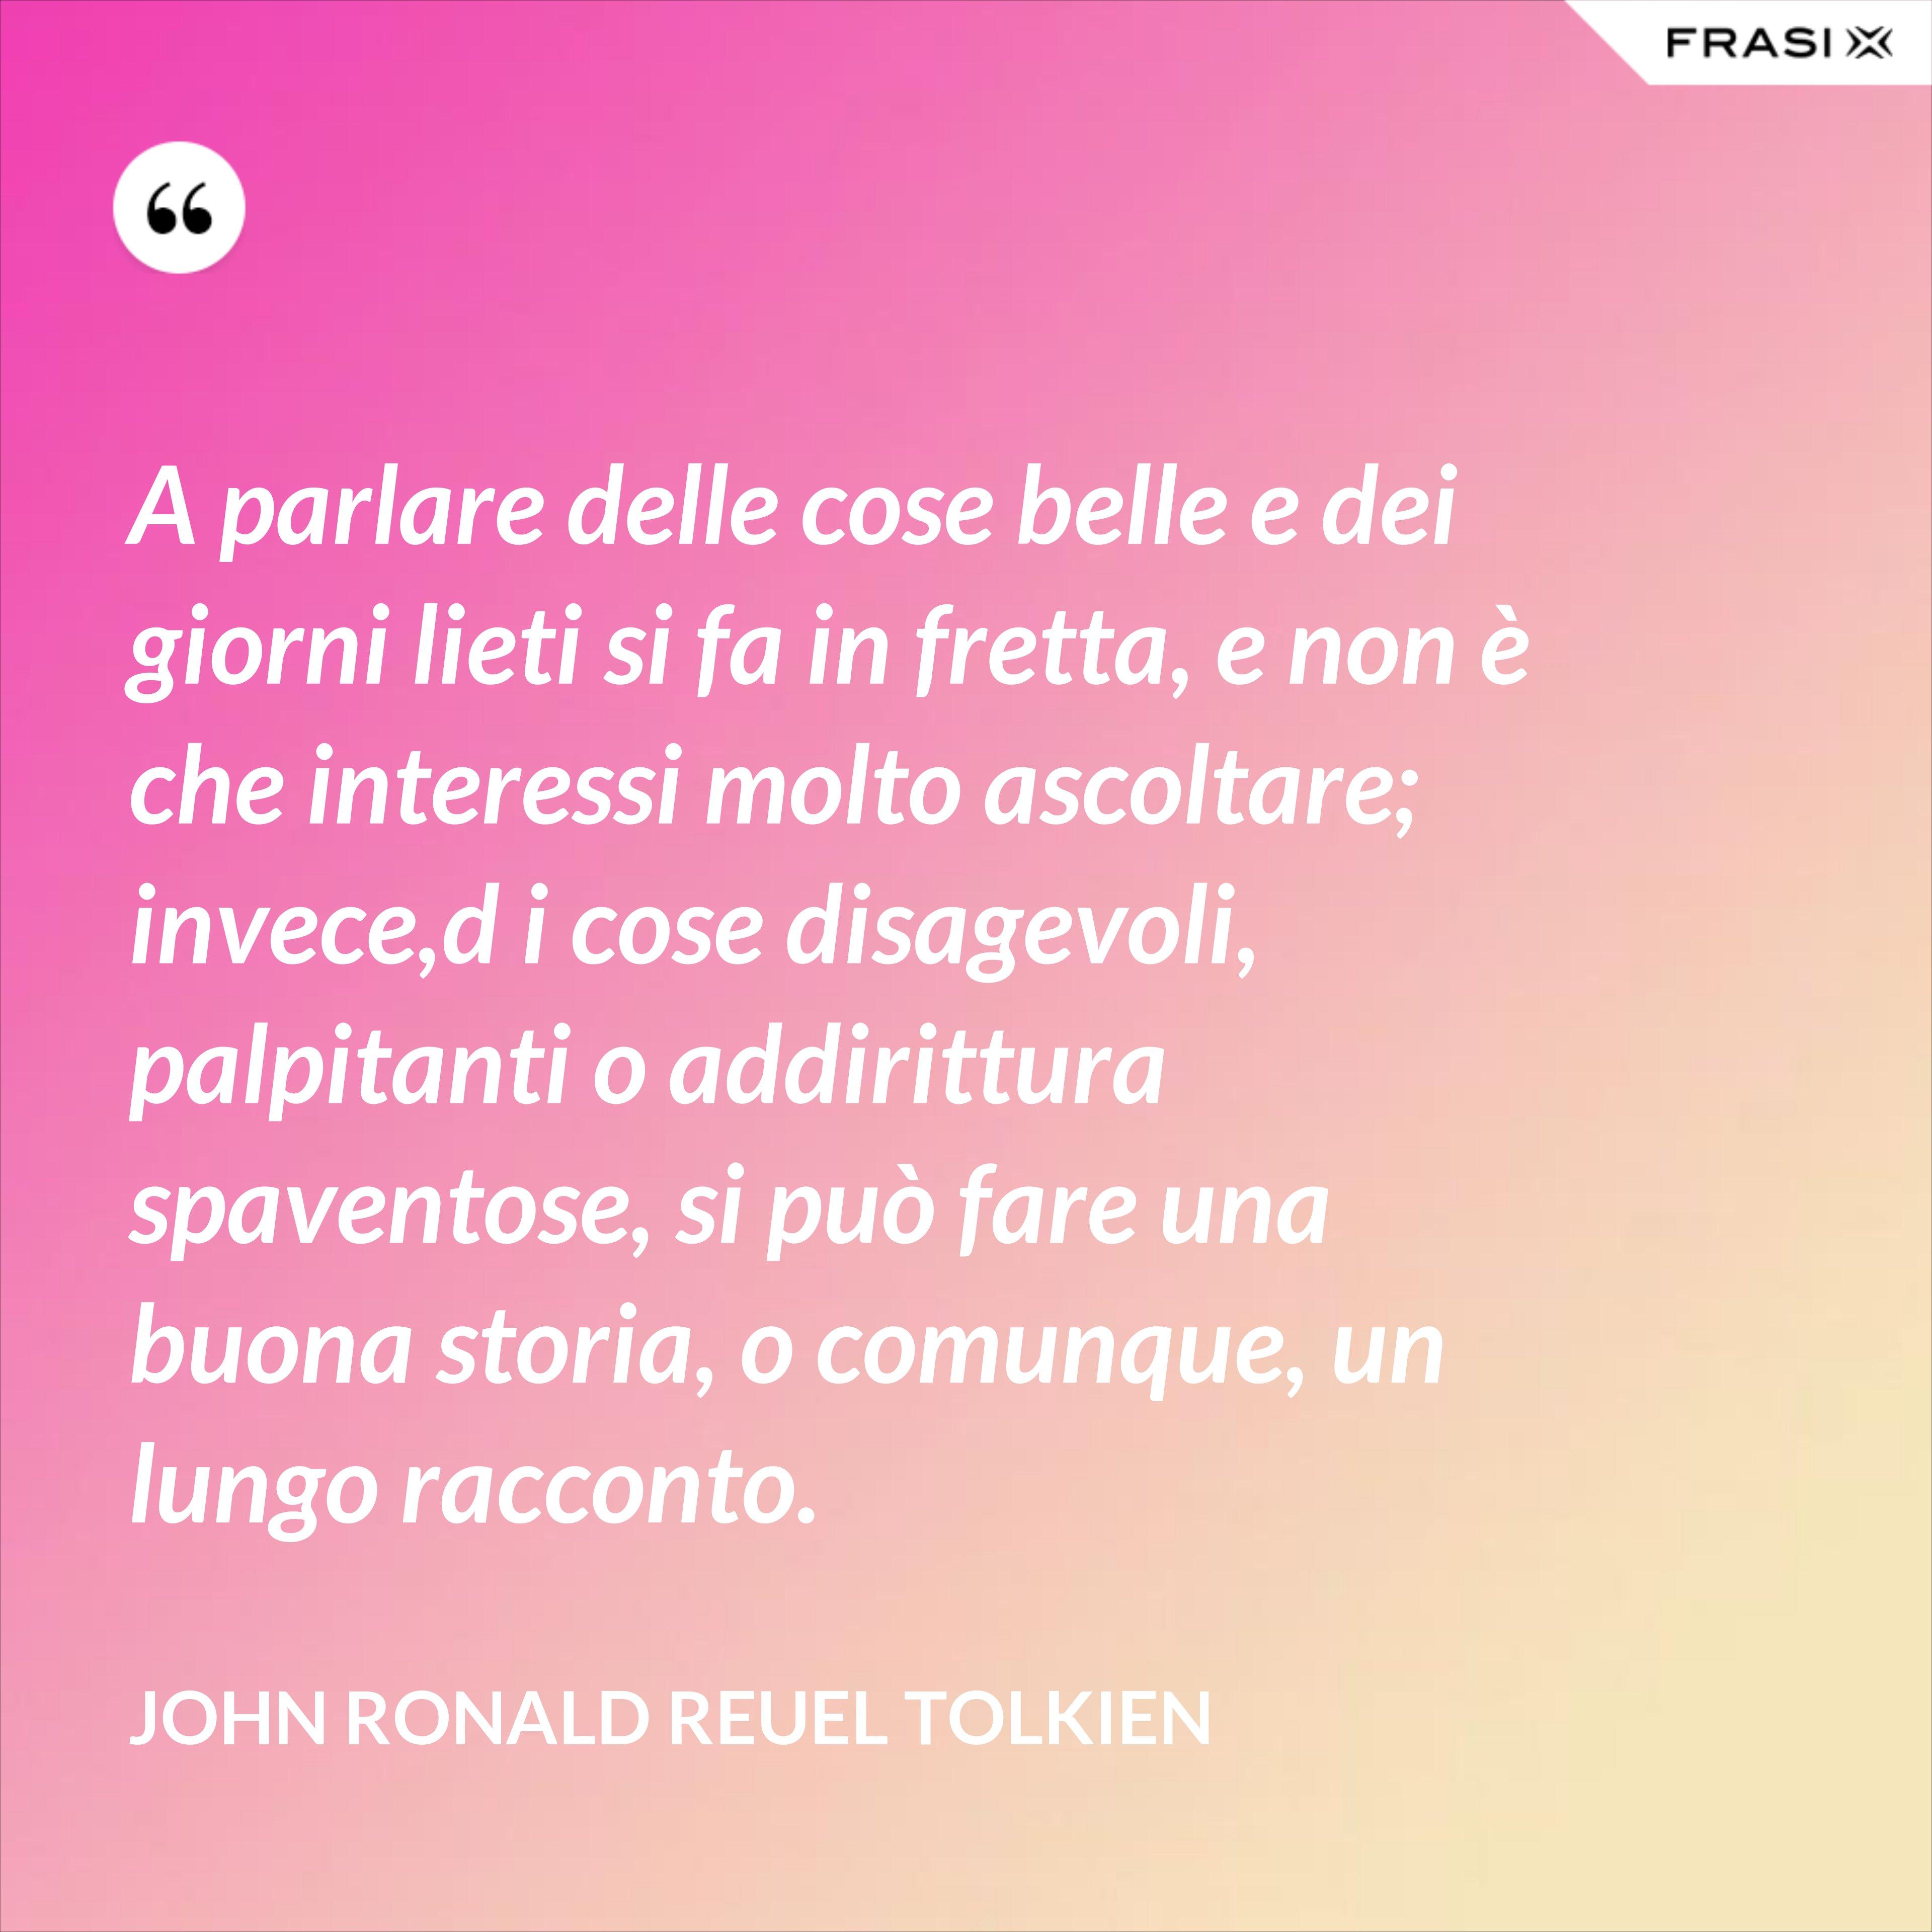 A parlare delle cose belle e dei giorni lieti si fa in fretta, e non è che interessi molto ascoltare; invece,d i cose disagevoli, palpitanti o addirittura spaventose, si può fare una buona storia, o comunque, un lungo racconto. - John Ronald Reuel Tolkien